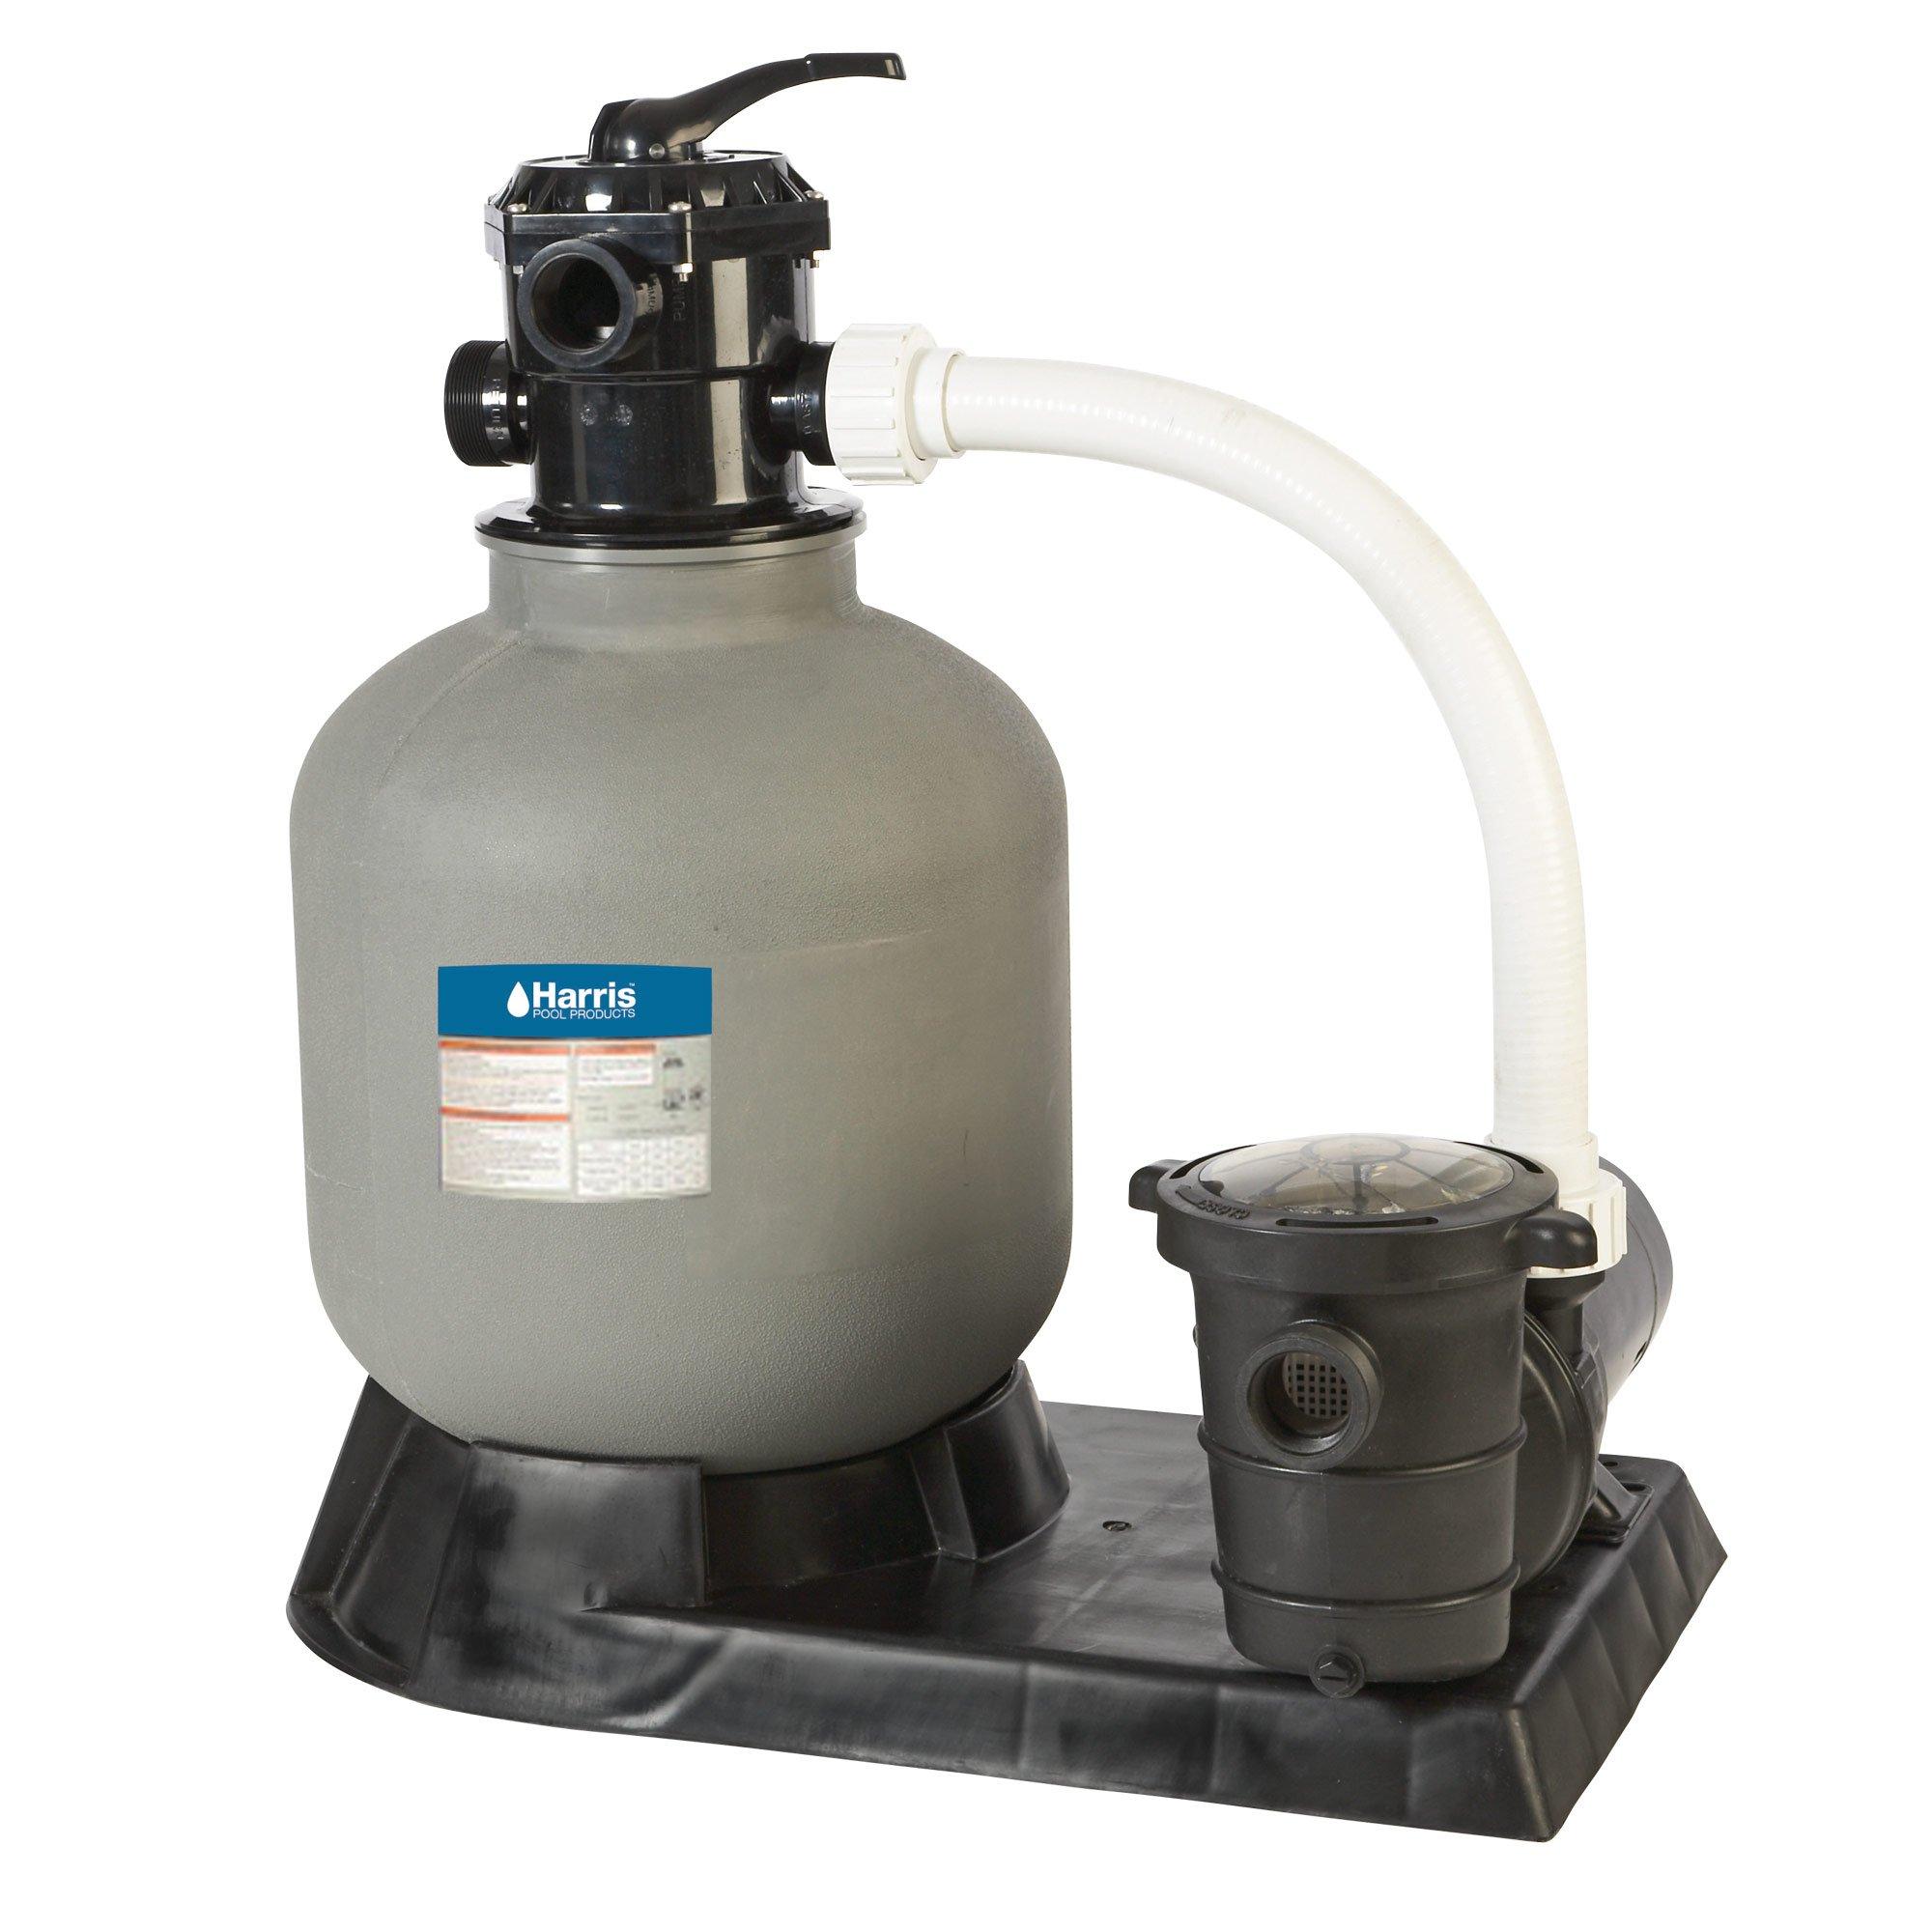 Harris H1572230 Vortex 24 inch Above Ground Sand Filter System with 1.5 HP Pump